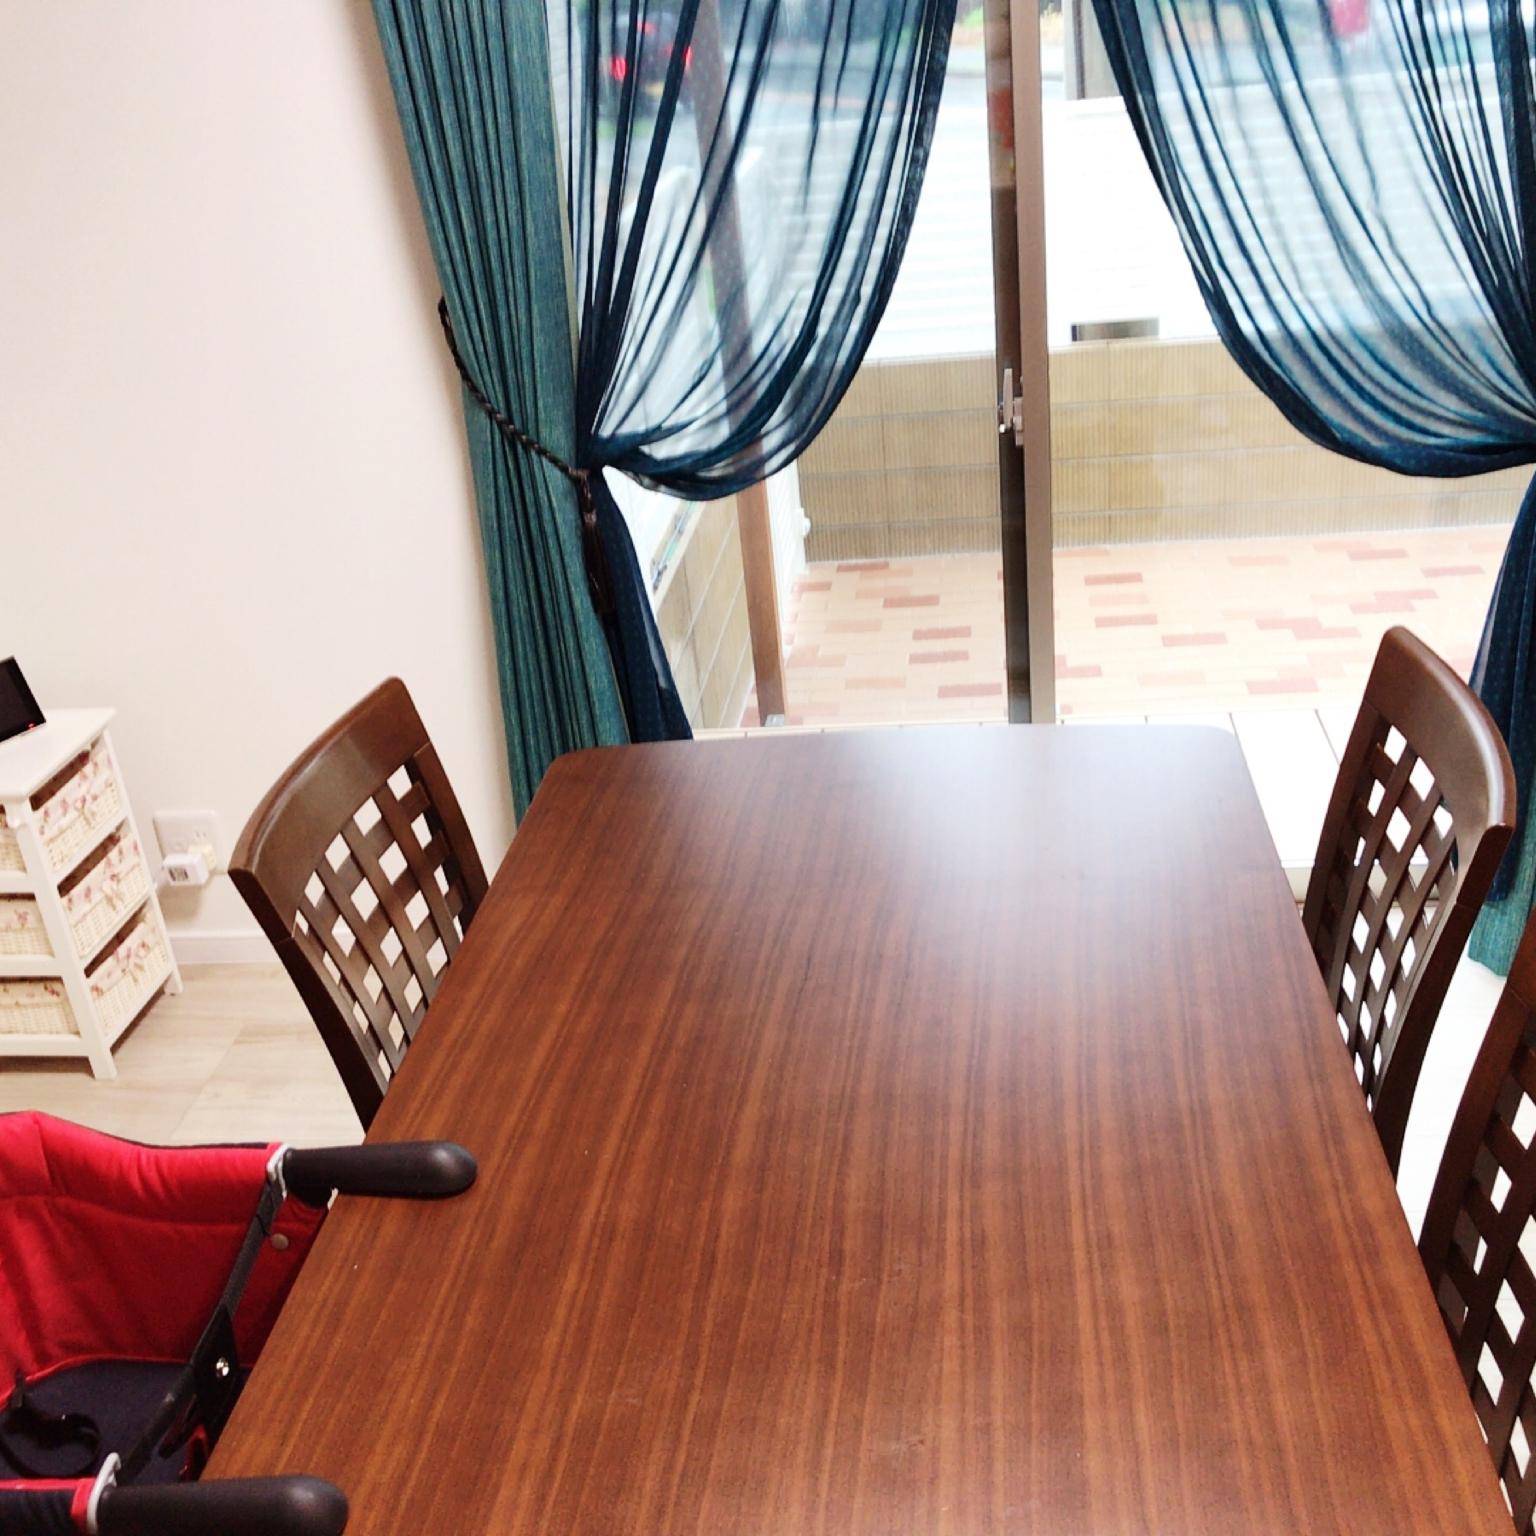 女性31歳の家族暮らし、建具はクリエモカMy Deskやターコイズブルーのカーテンやスミノエのカーテンや注文住宅などに関するmiia_0301さんの実例写真